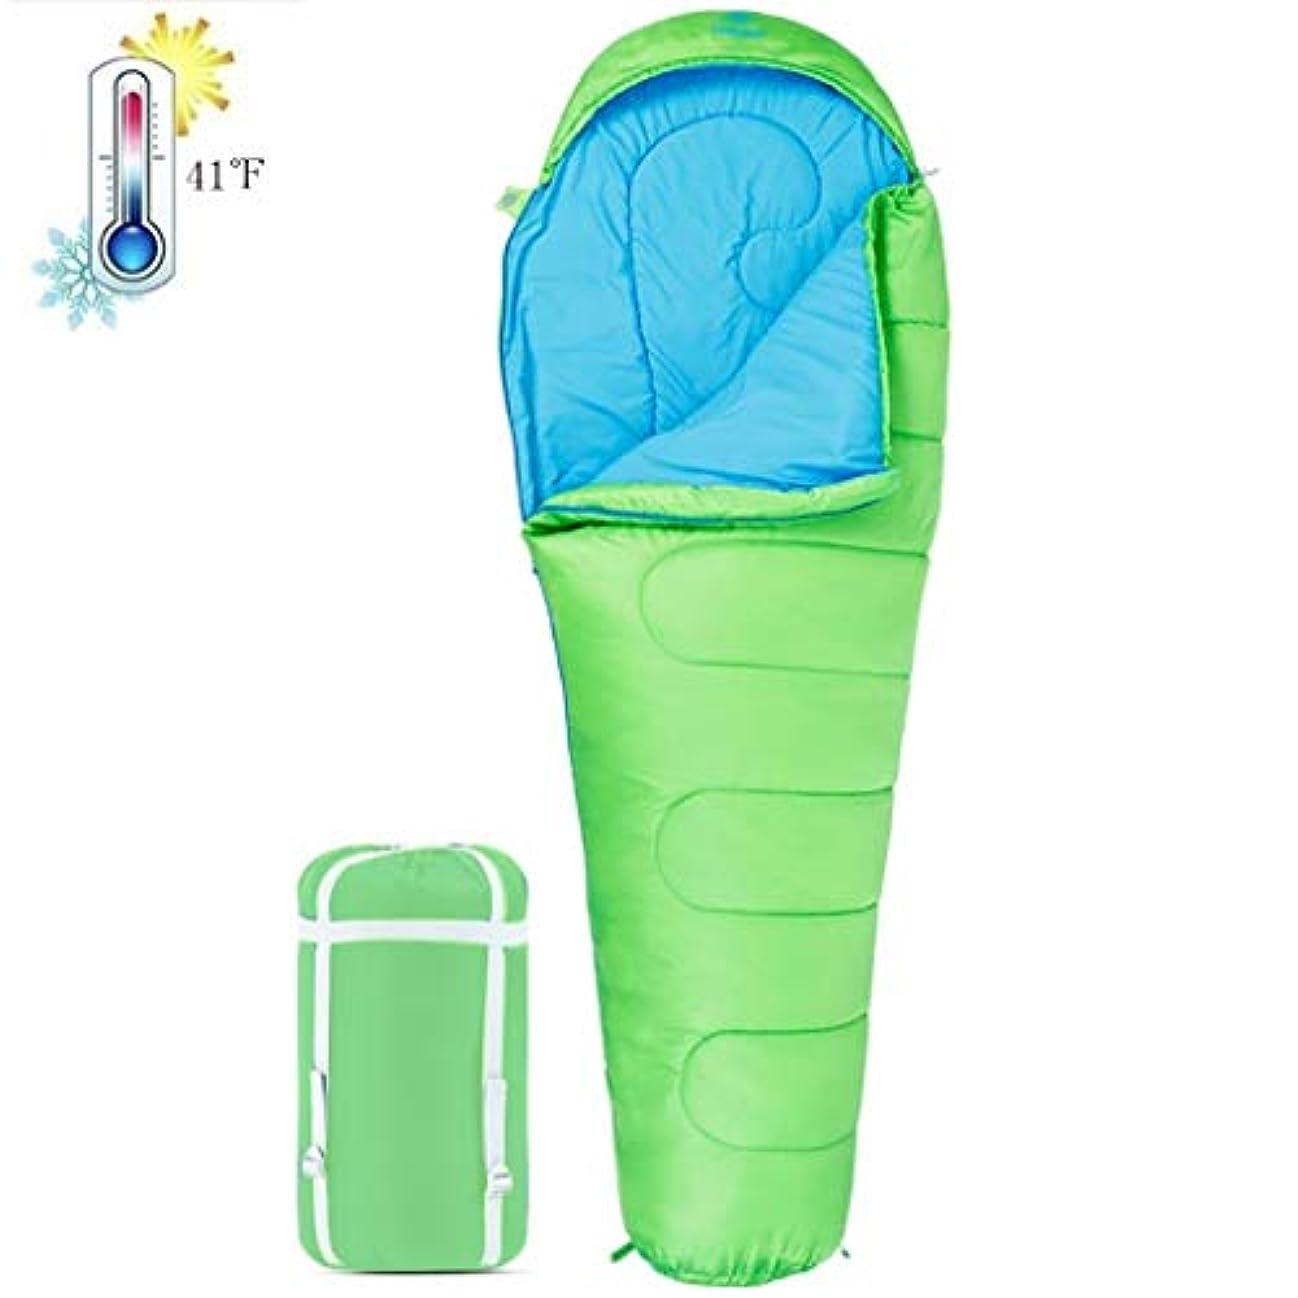 バレルクラフト存在YLIAN 寝袋 防水軽量大人寝袋通気性コットン寝袋アンチキックキルト子供屋外ソフトで快適な暖かいキャンプバッグ (Color : Light green)